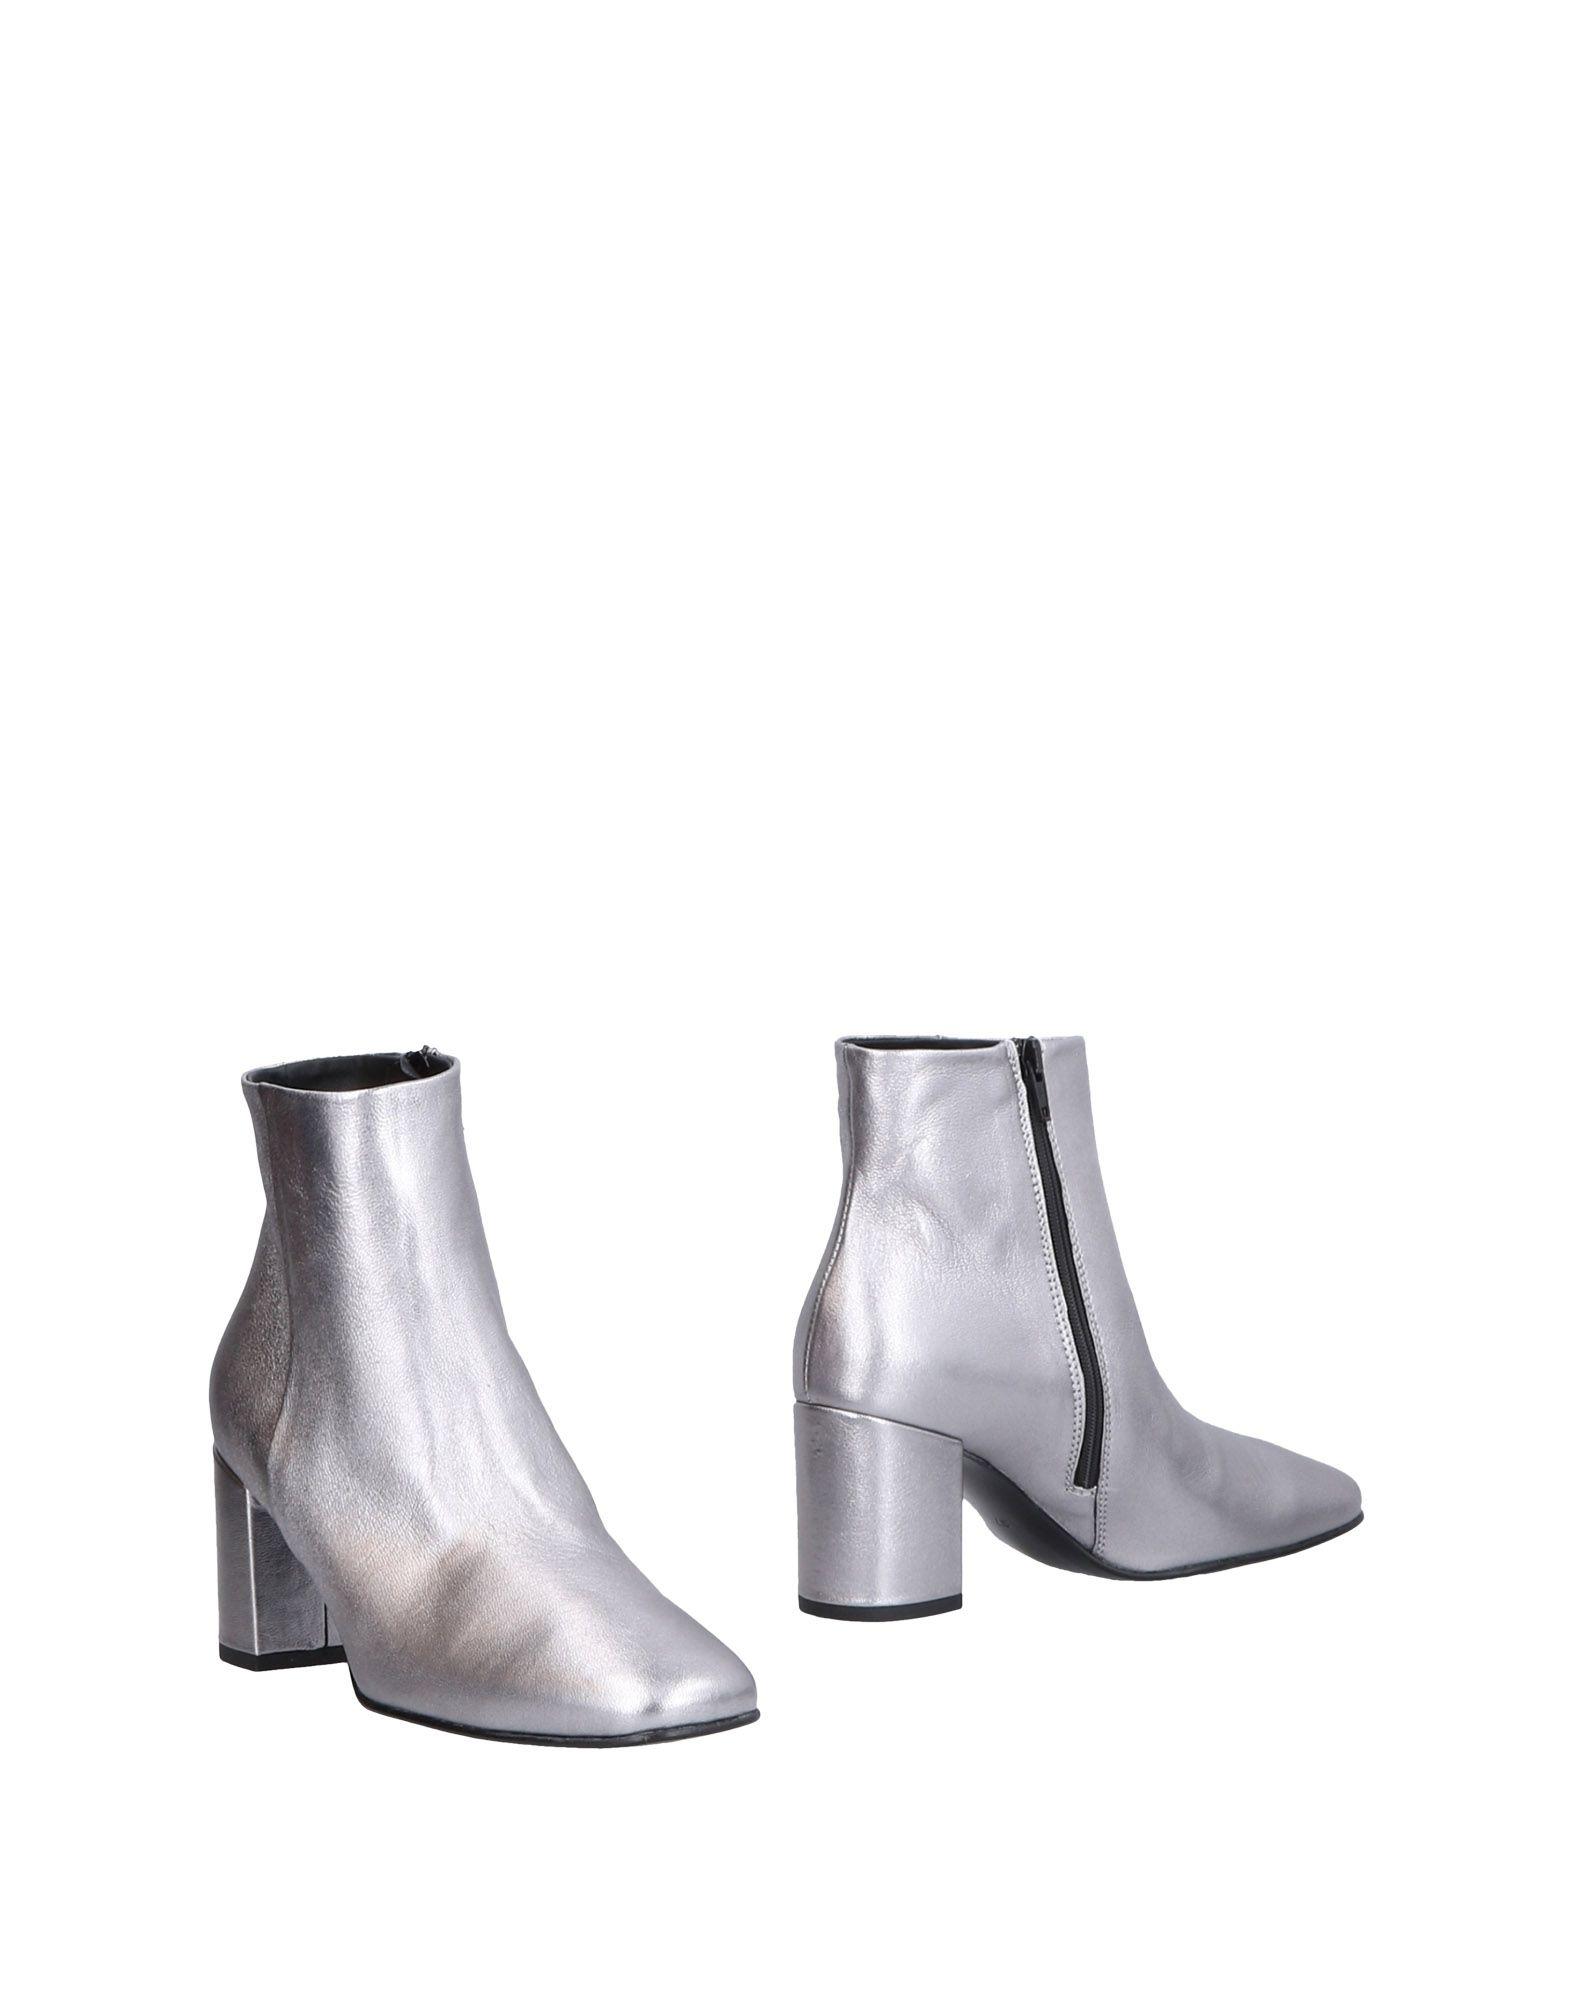 Bottine Tosca Blu Shoes Femme - Bottines Tosca Blu Shoes Argent Nouvelles chaussures pour hommes et femmes, remise limitée dans le temps